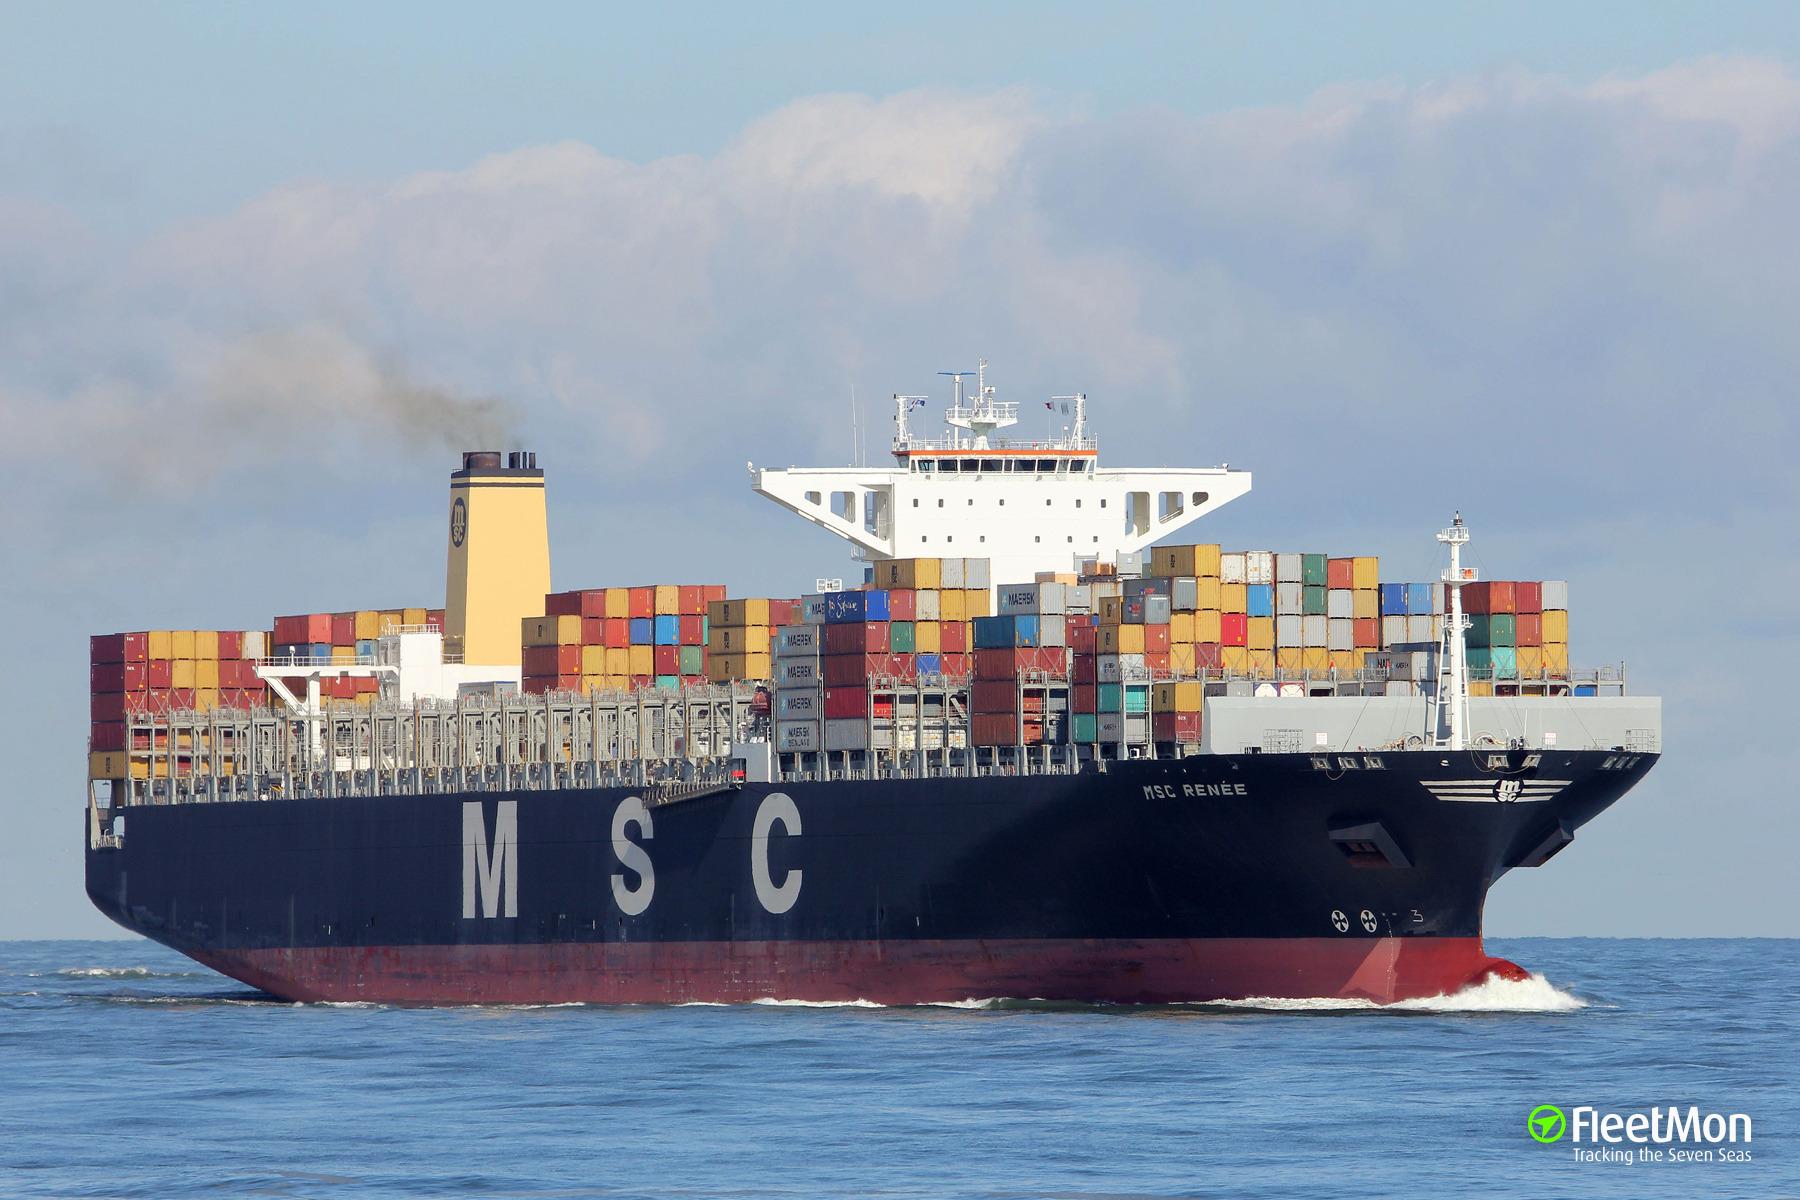 Mega-boxship MSC Renee breached 10-15 meters after allision in Antwerp